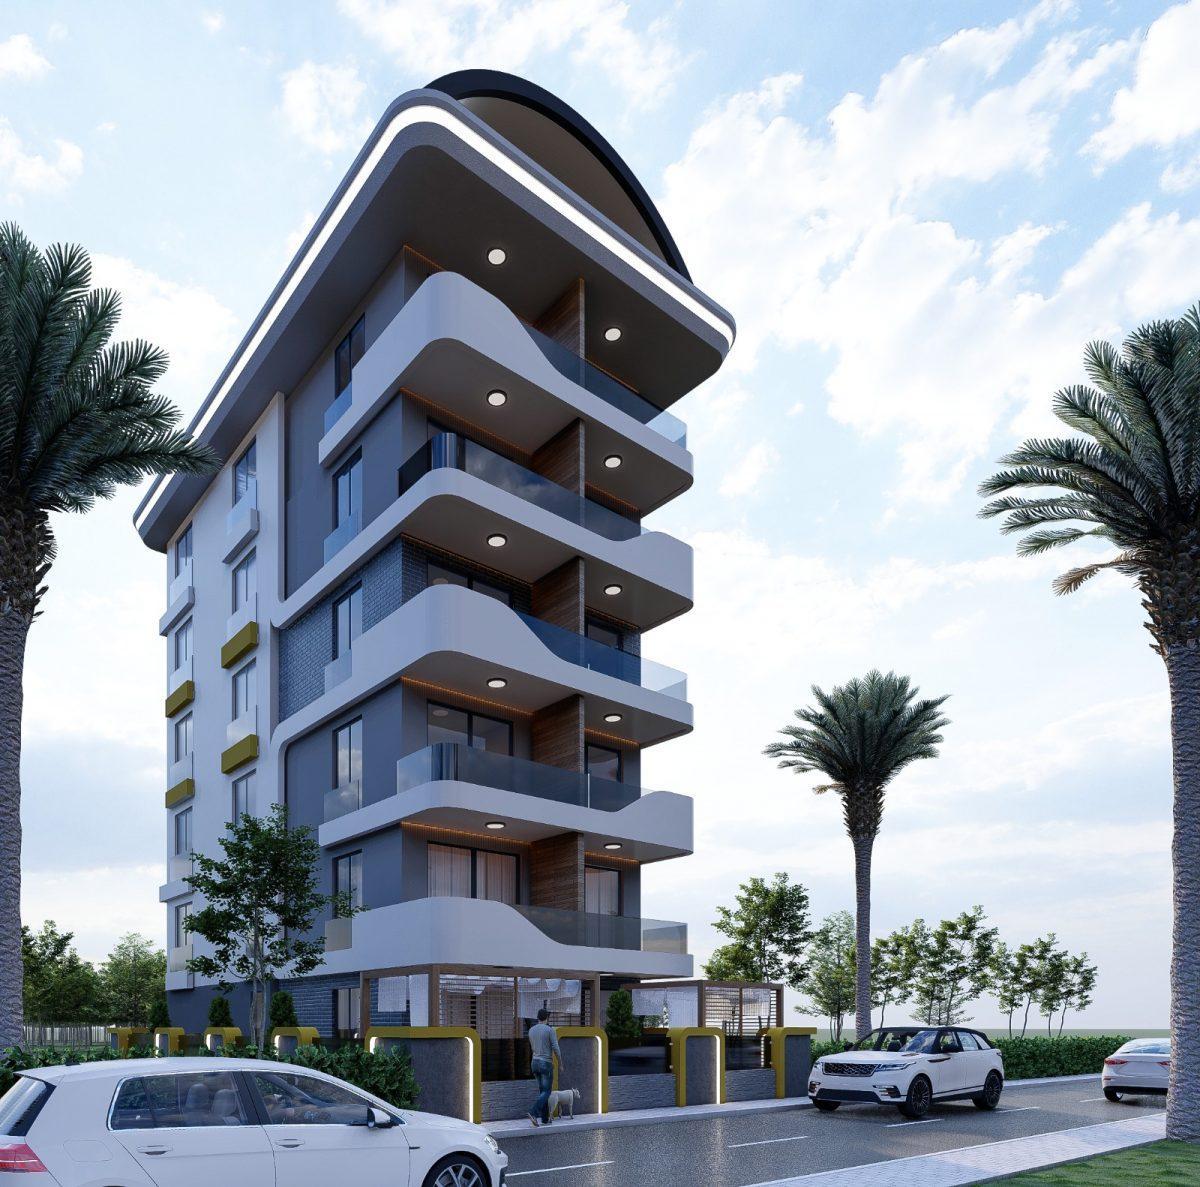 Апартаменты по выгодным ценам от застройщика в центре Алании близко к морю - Фото 1